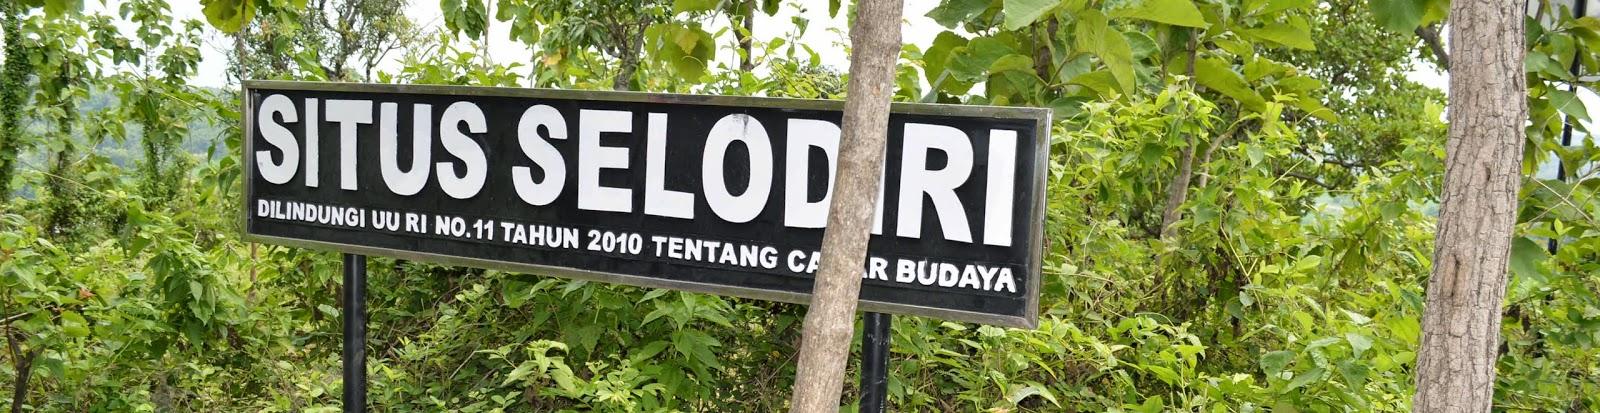 Situs Megalitikum Selodiri Desa Terjan Rembang Idsejarah Net Berada Daerah